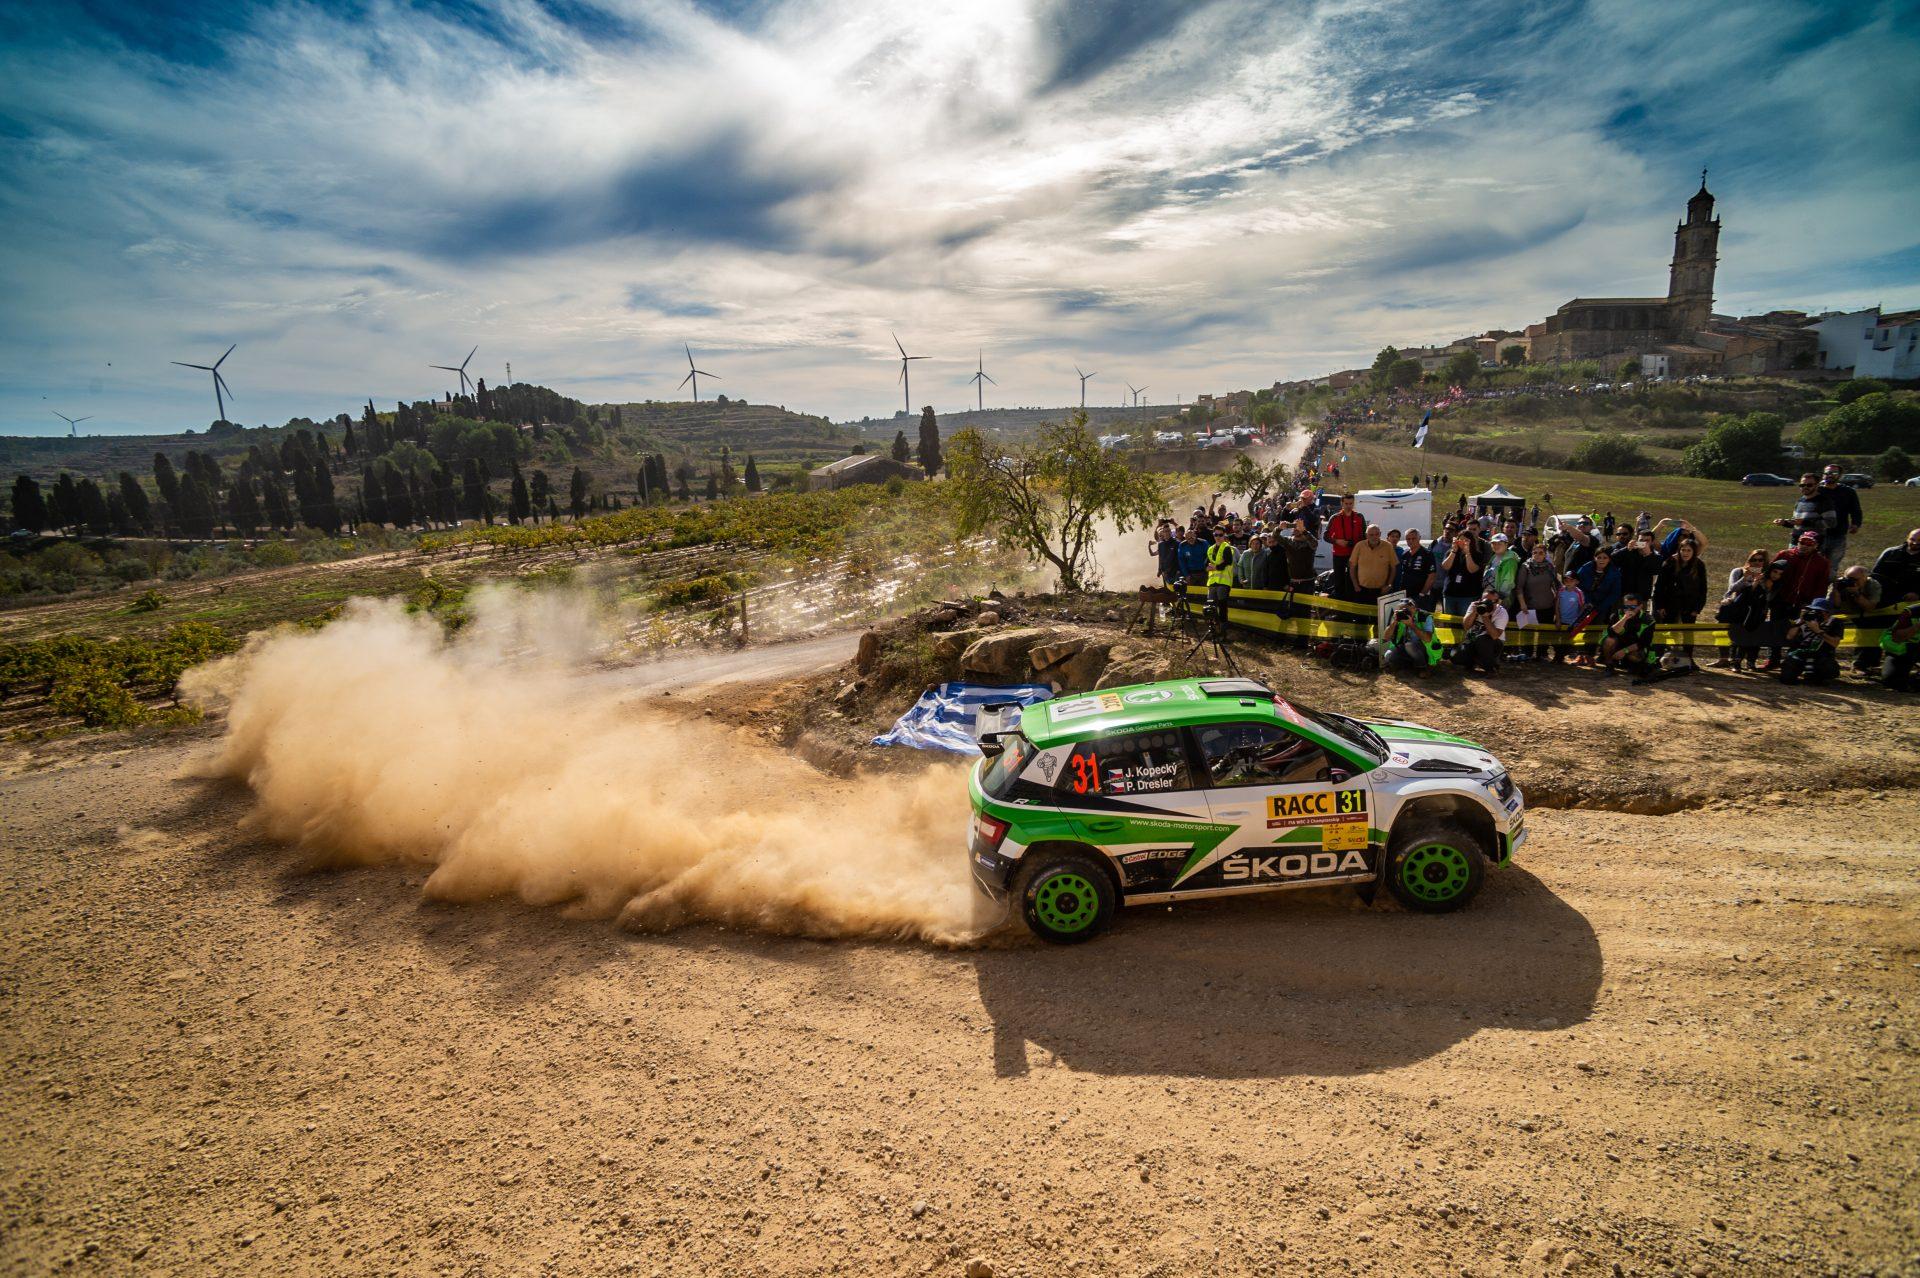 RallyRACC Catalunya